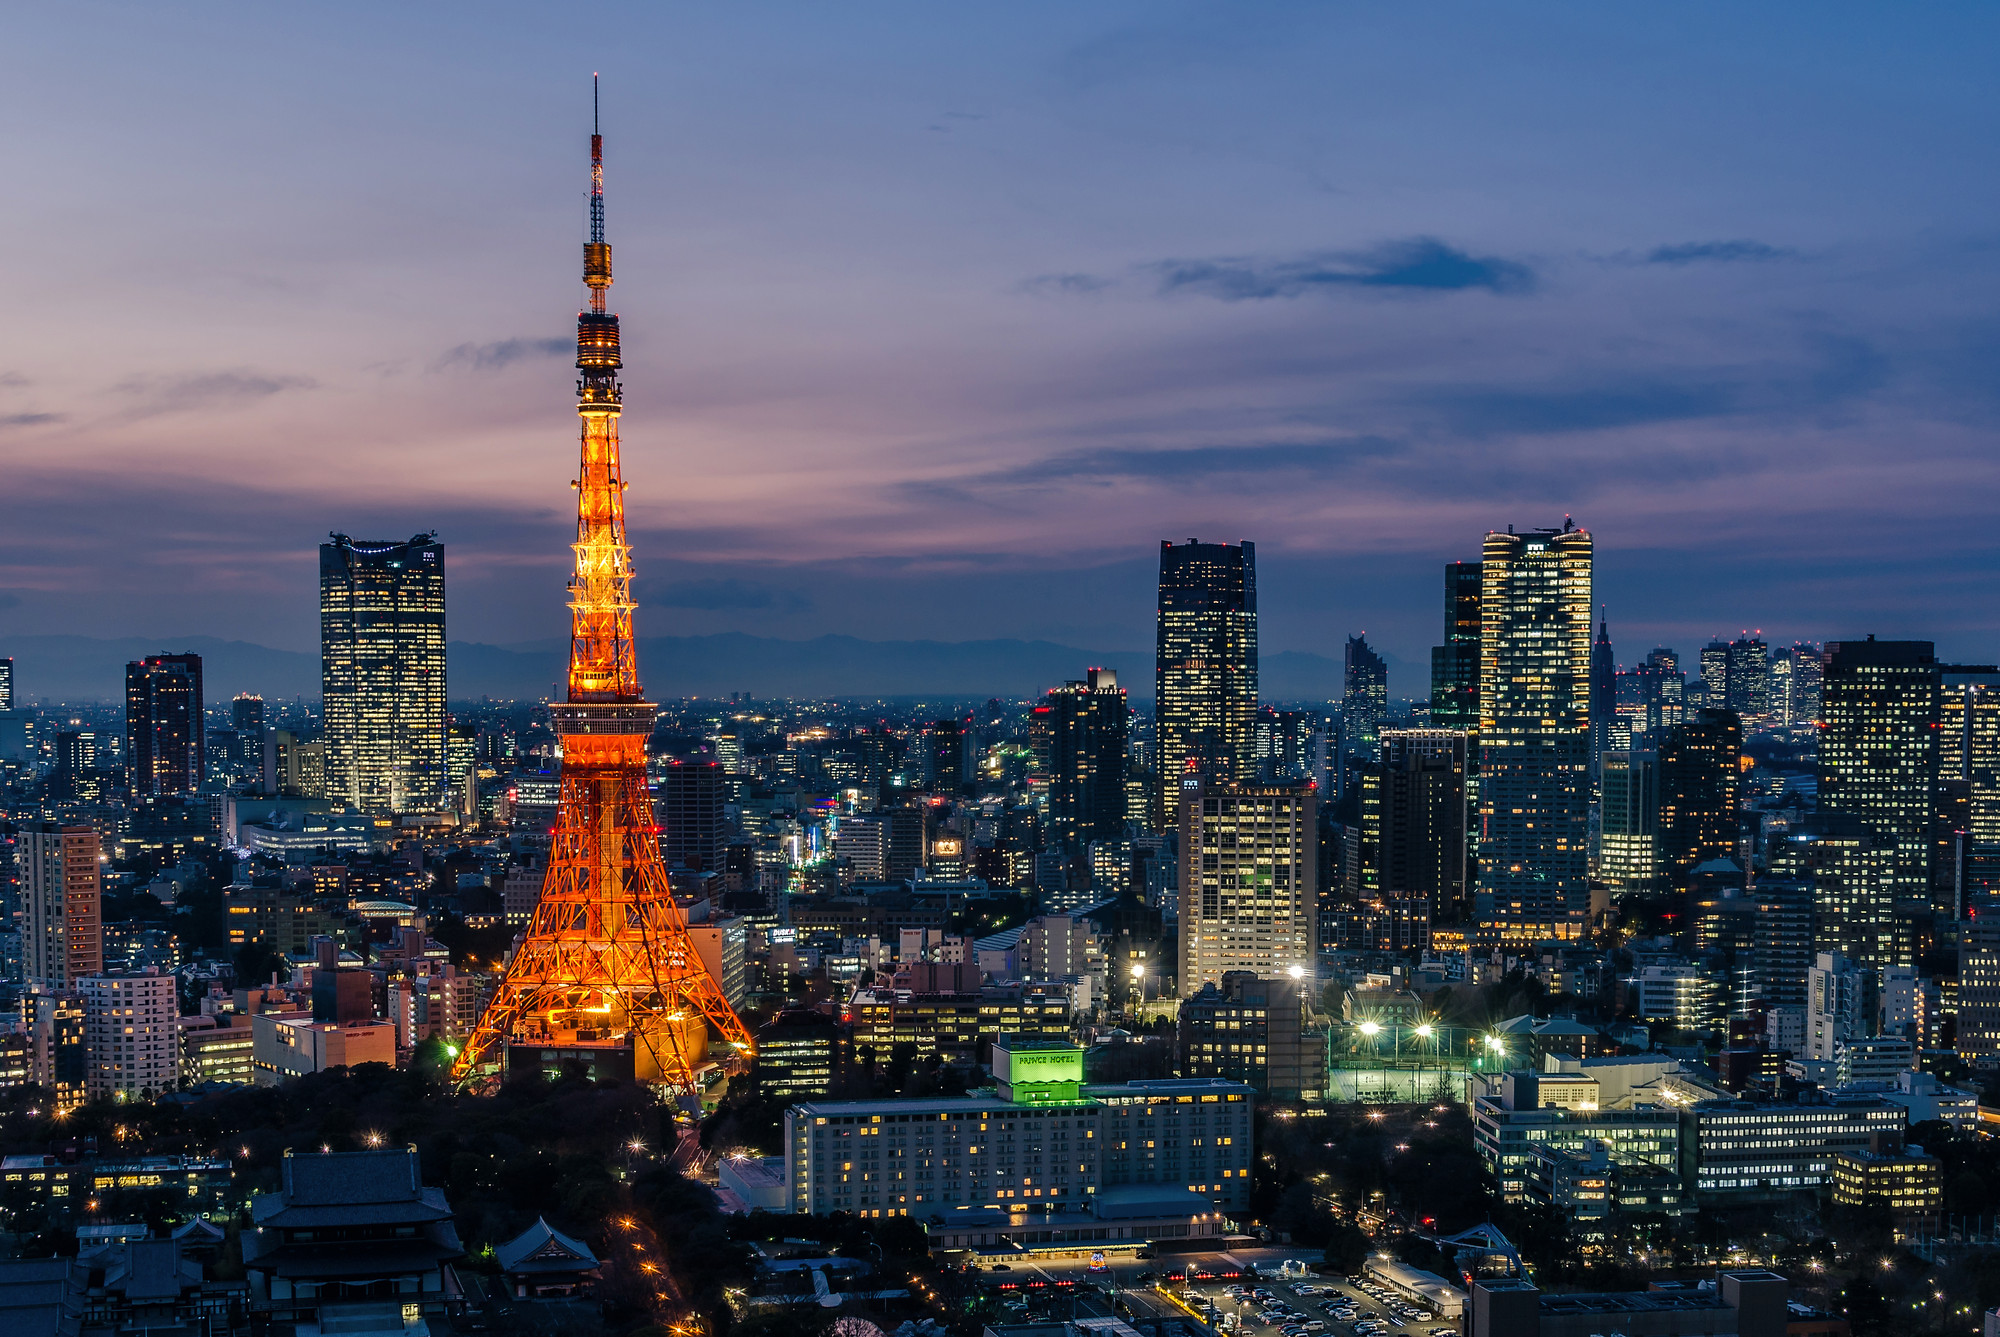 Infografía interactiva documenta el crecimiento de las megaciudades del mundo, Tokio sigue siendo la ciudad más grande del mundo, pero se le acercan otras. Imagen © Flickr CC Usuario Les Taylor